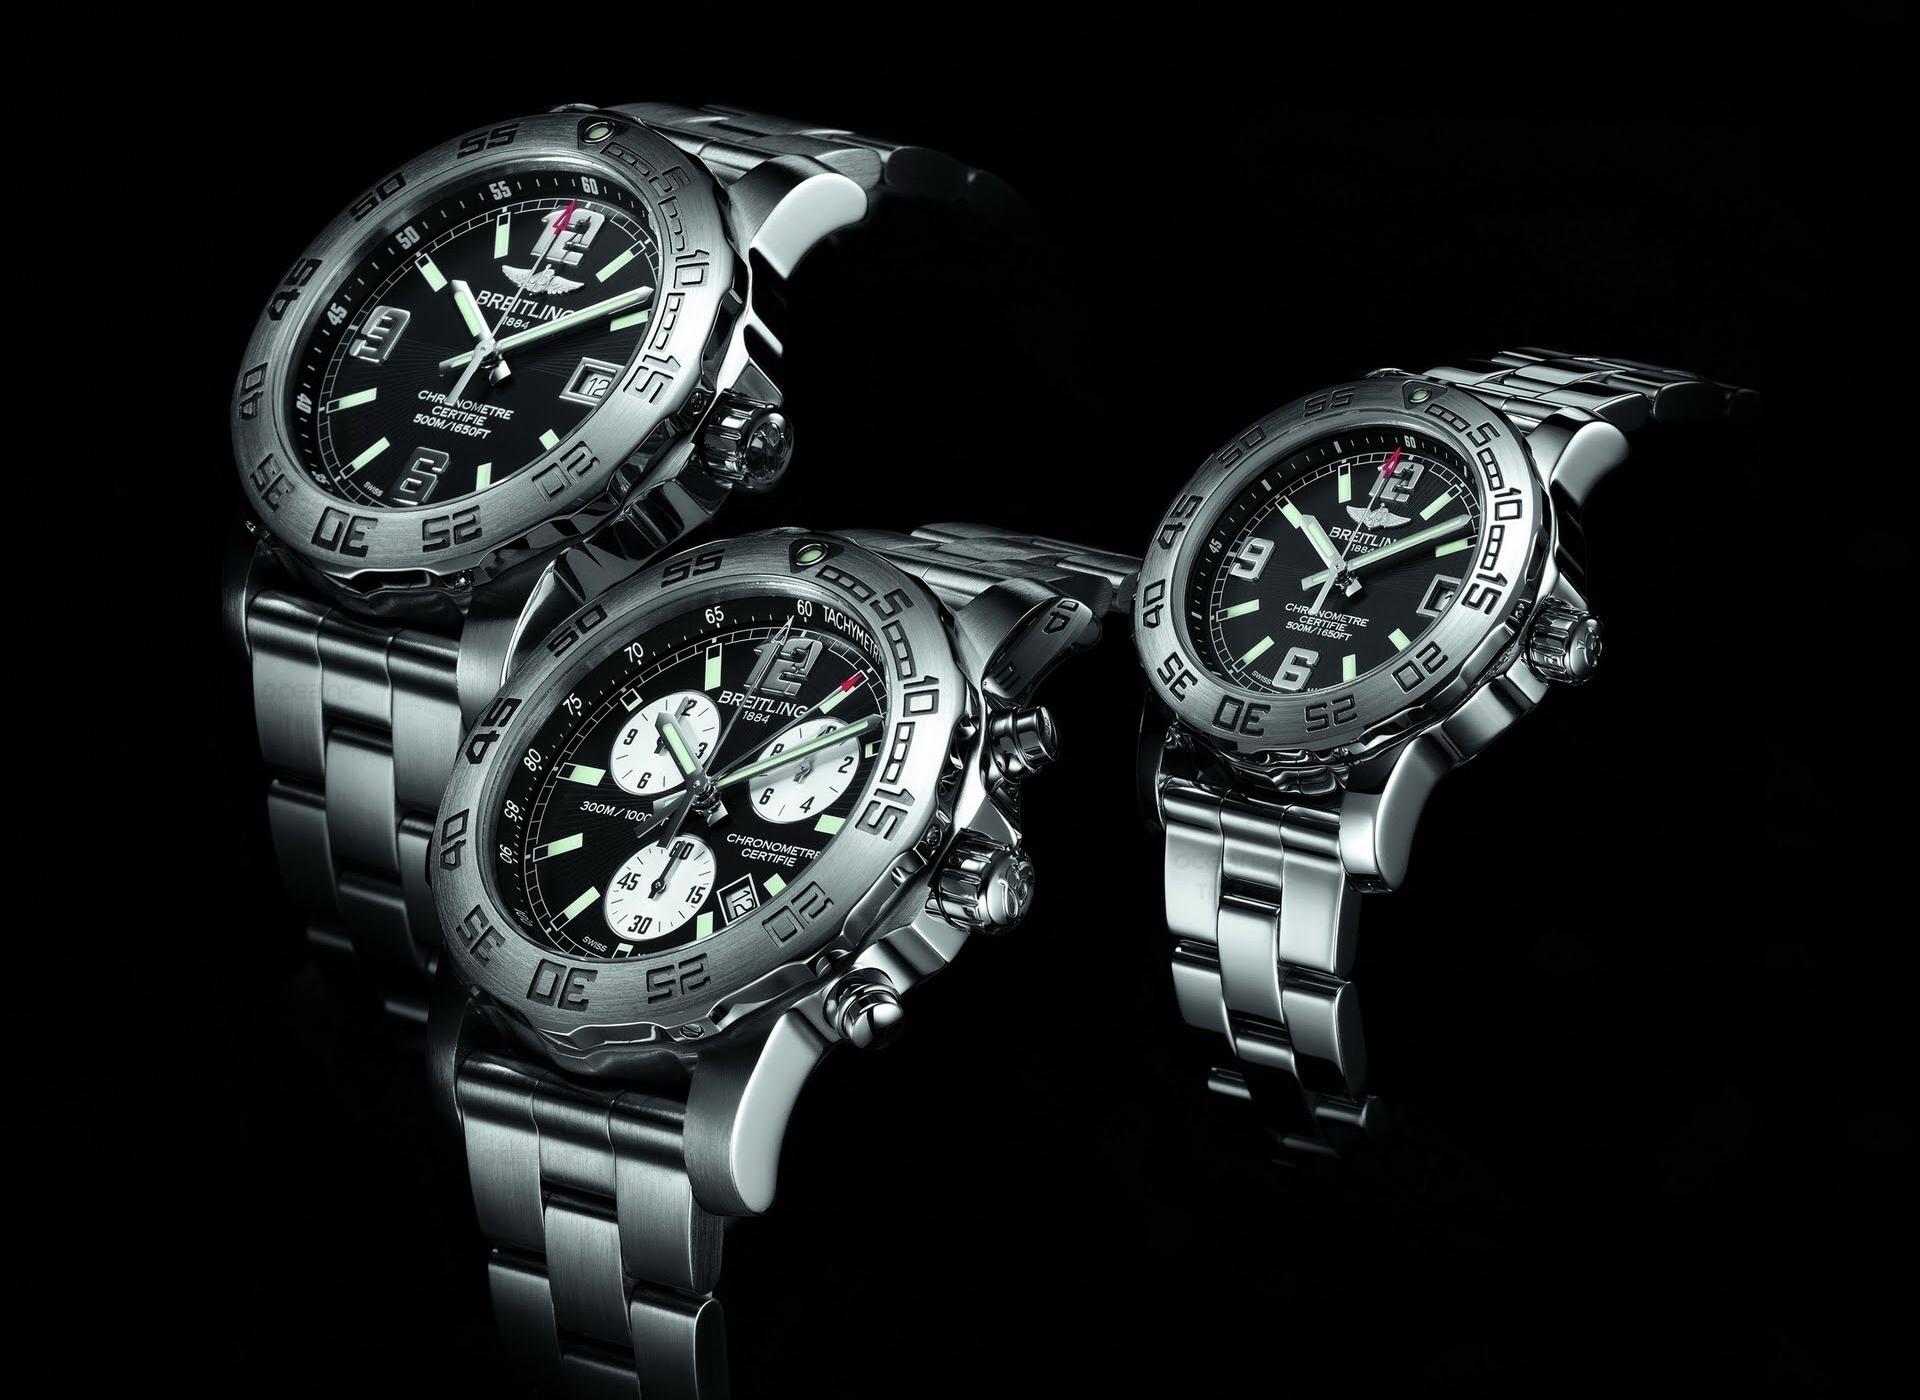 afe82f24 Преимущества оригинальных часов из Швейцарии - IslamNews